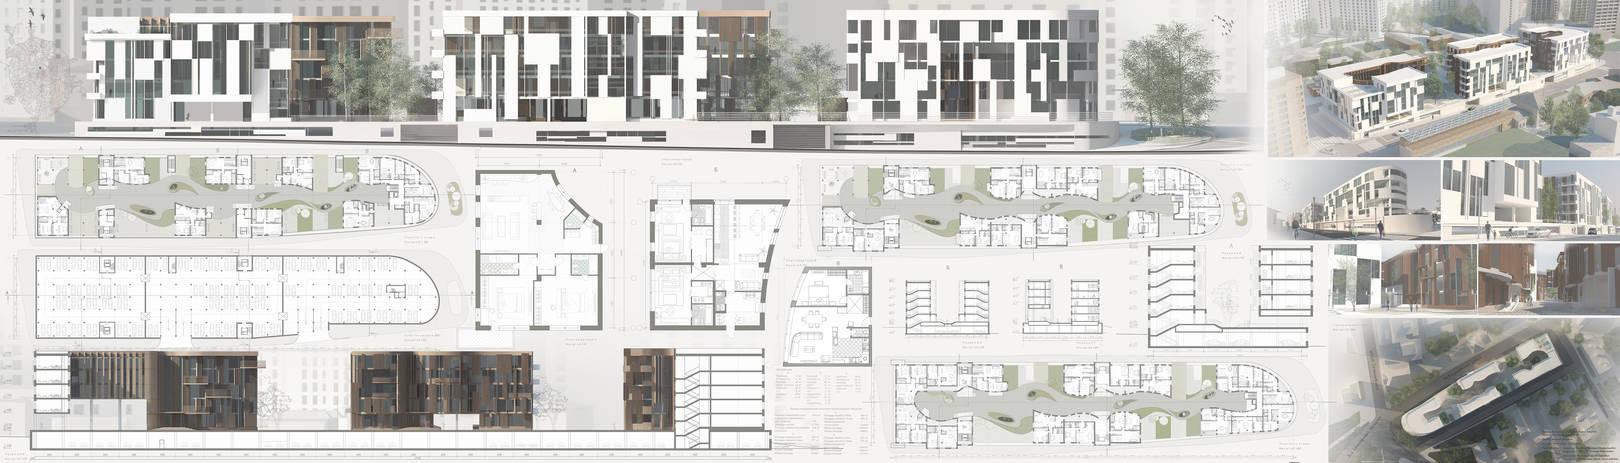 проект.малоэтажный жилой дом.Москва , на улице новосущевская